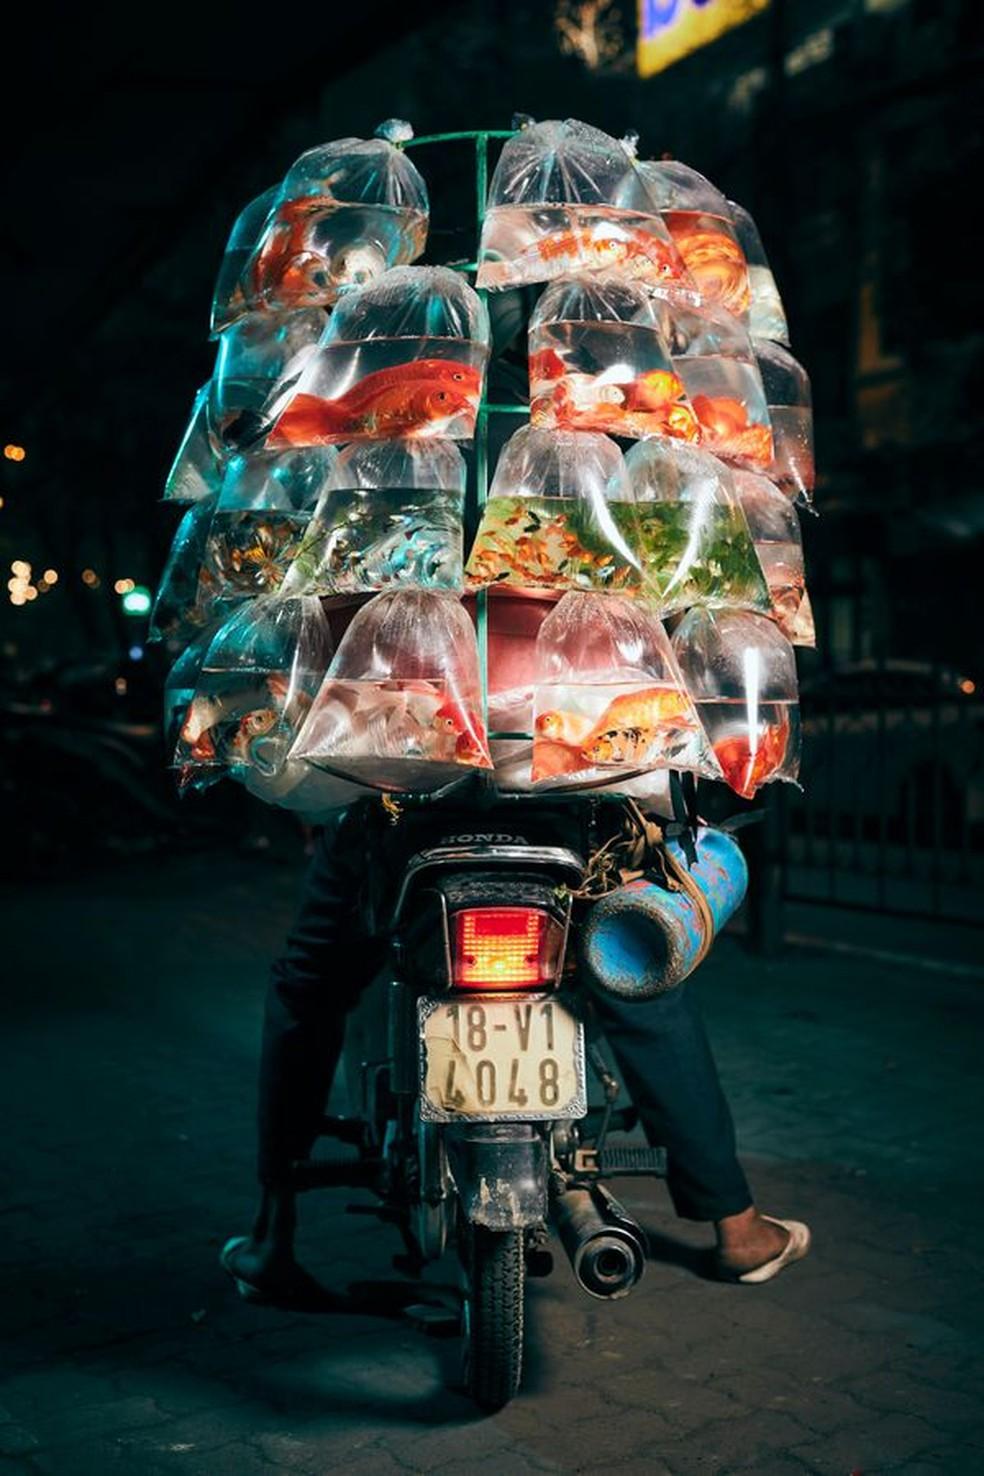 Grande prêmio: Foto de peixes ornamentais levados para entrega por um motoqueiro em Hanói, no Vietnã, foi a vencedora de concurso — Foto: John Enoch via Smithsonian Mag